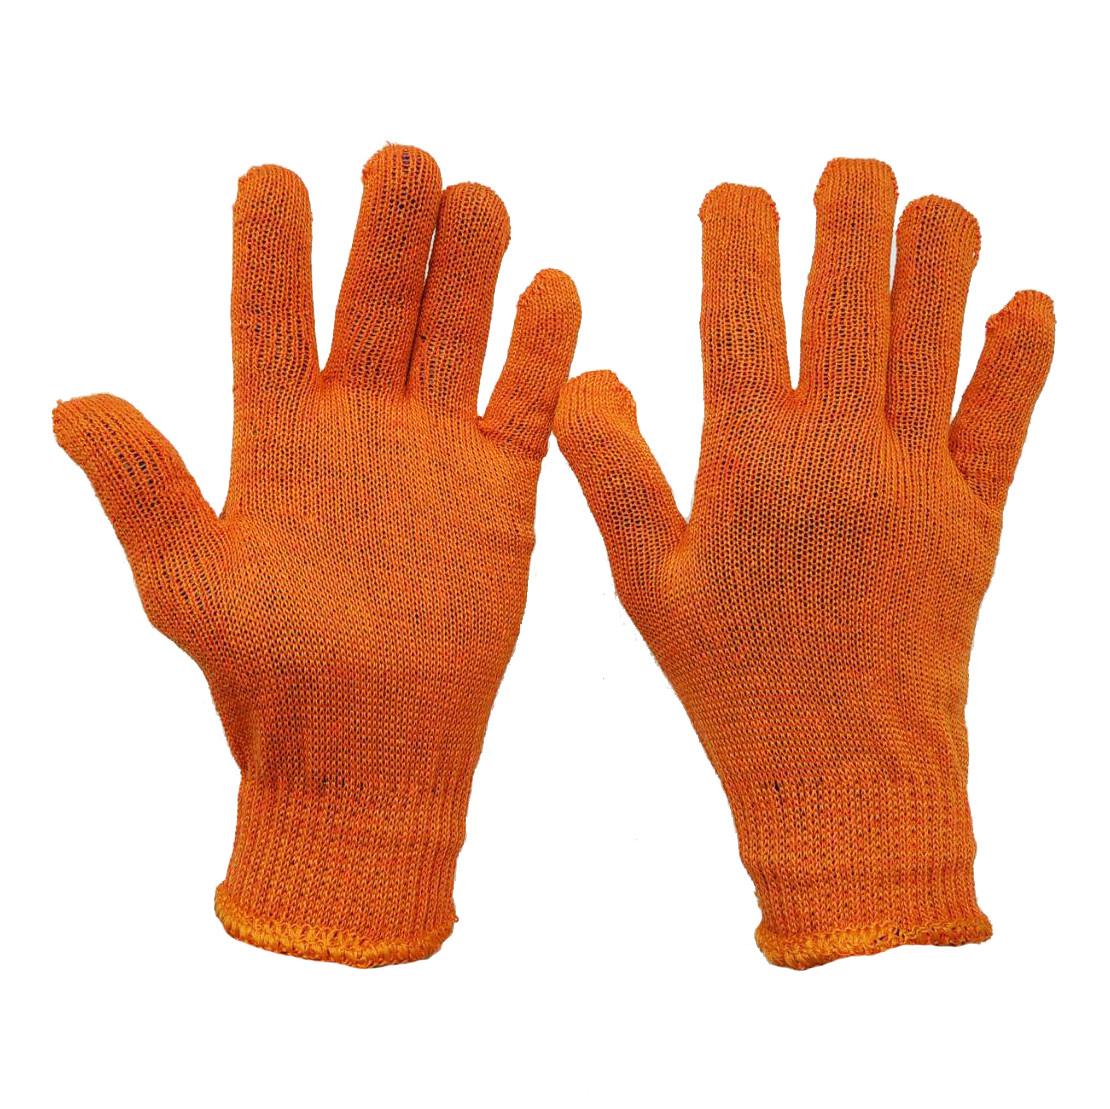 Рукавички робочі помаранчеві Slim трикотажні тонкі без протектора